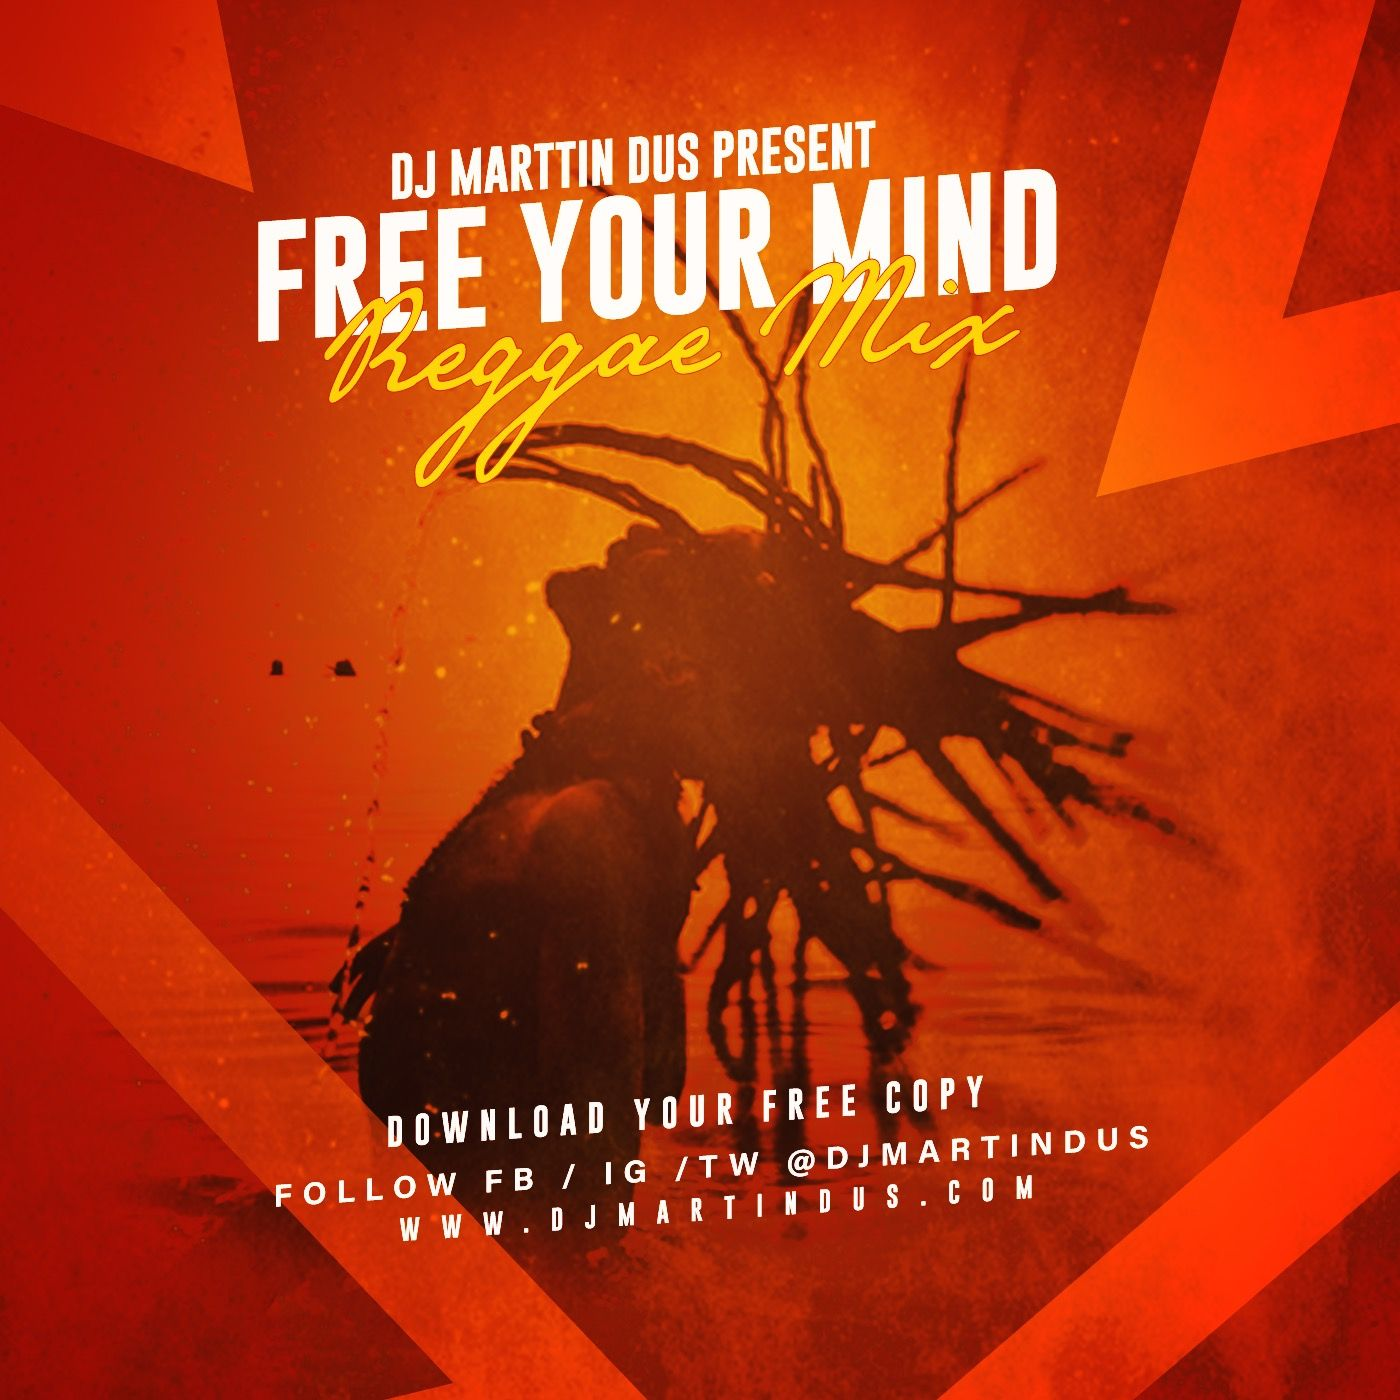 REGGAE MIX 2019 by DJMARTIN DUS from MARTIN DUS: Listen for free